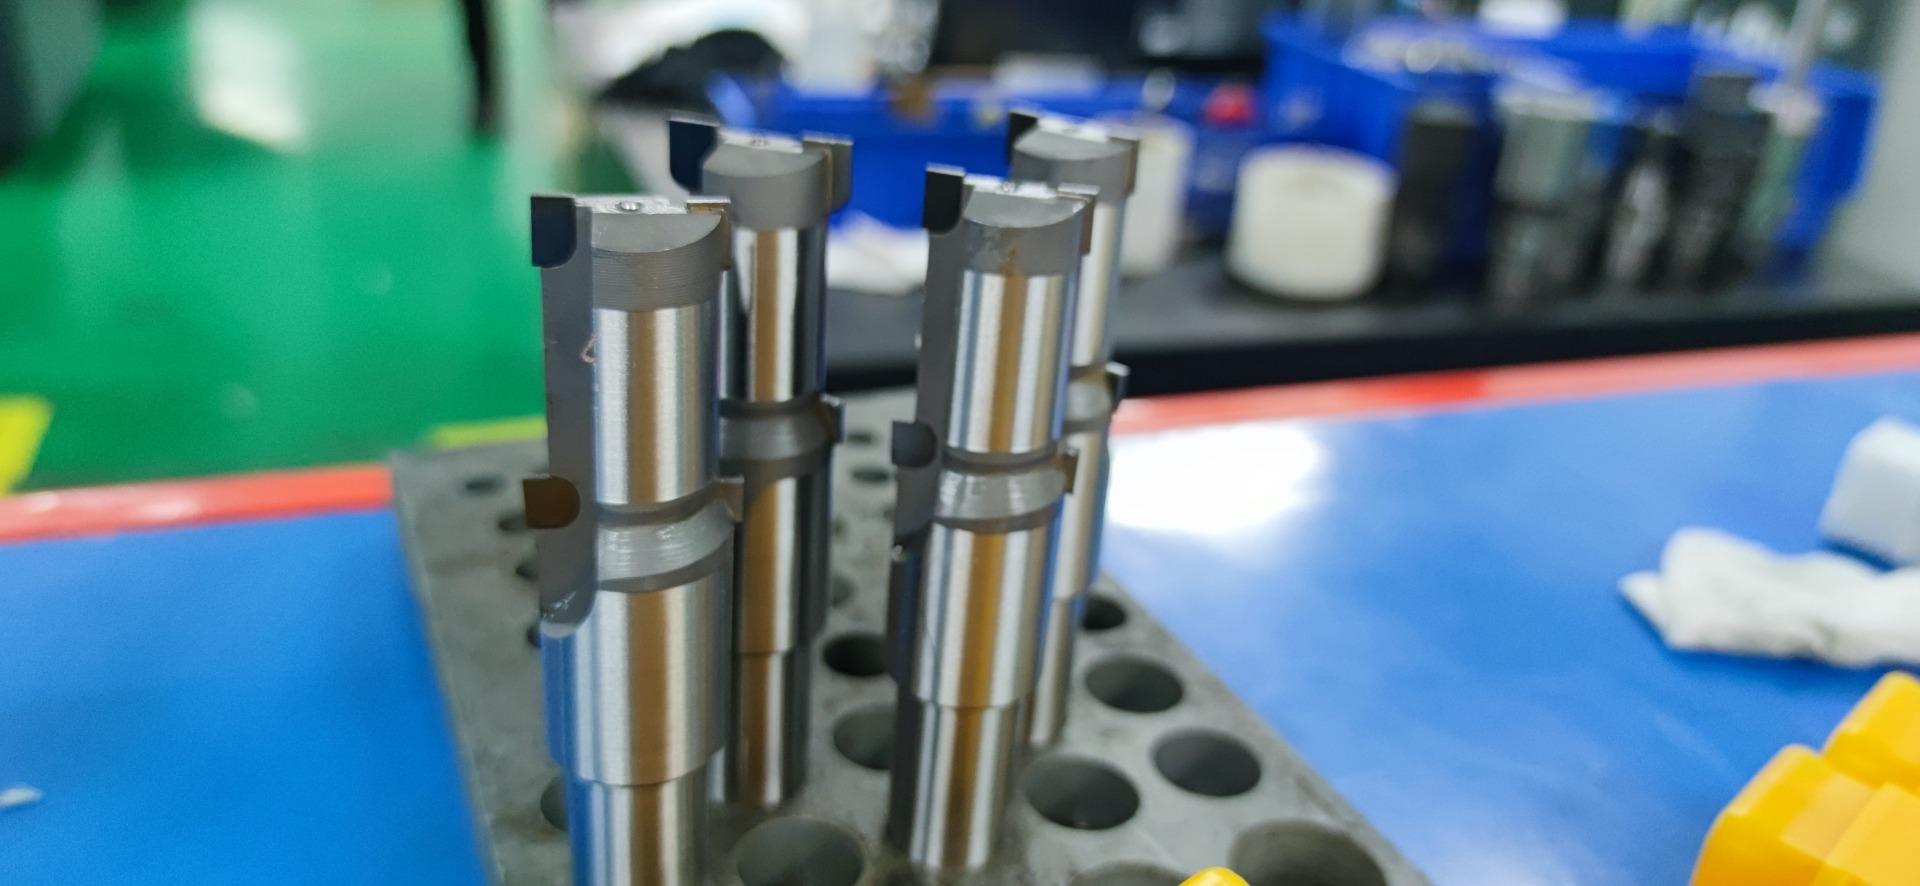 金刚石刀具的性能之聚晶金刚石 (PCD) 刀具的优缺点